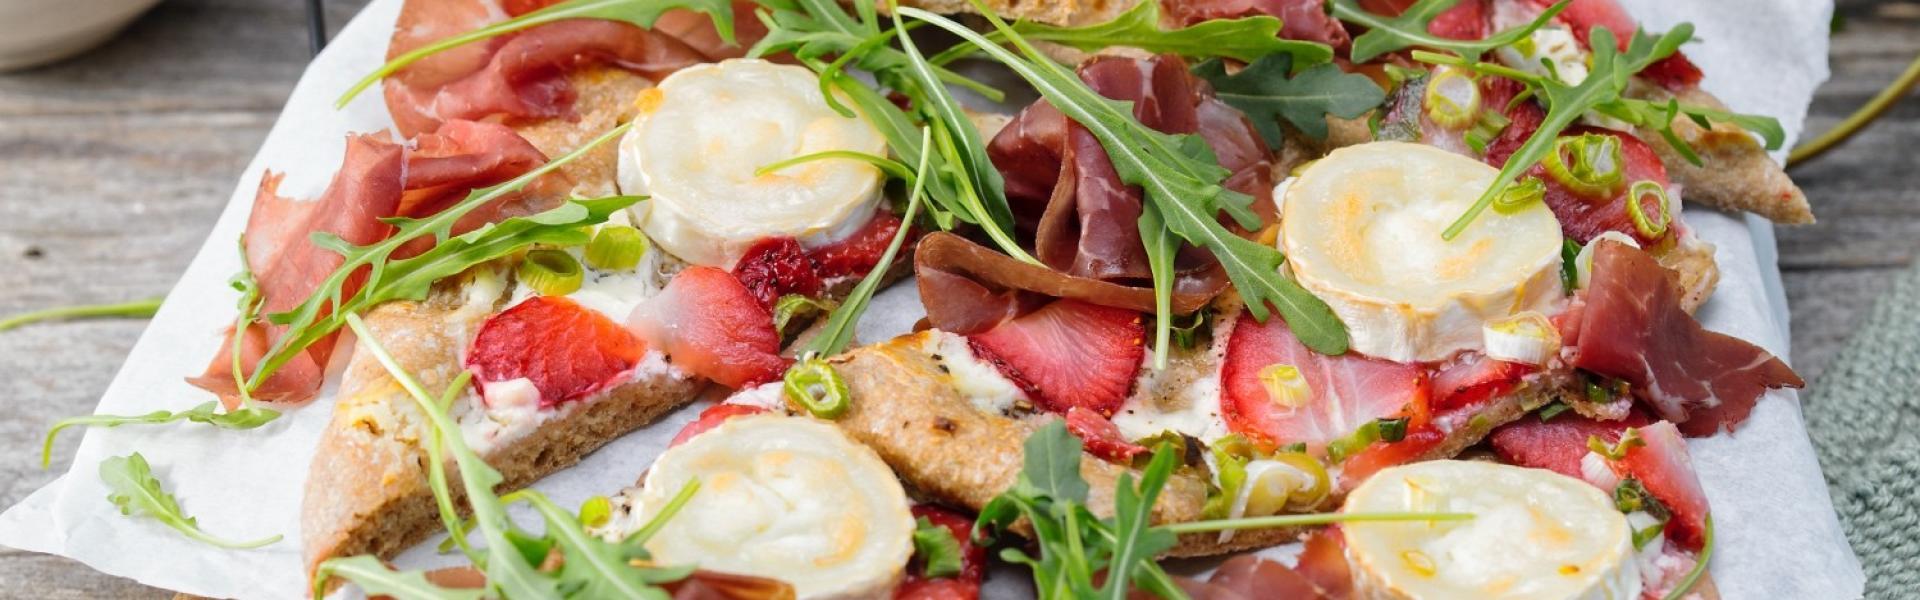 Dinkelpizza mit Erdbeeren, Ziegenkäse, Bresola und Rucola auf Holzbrett.